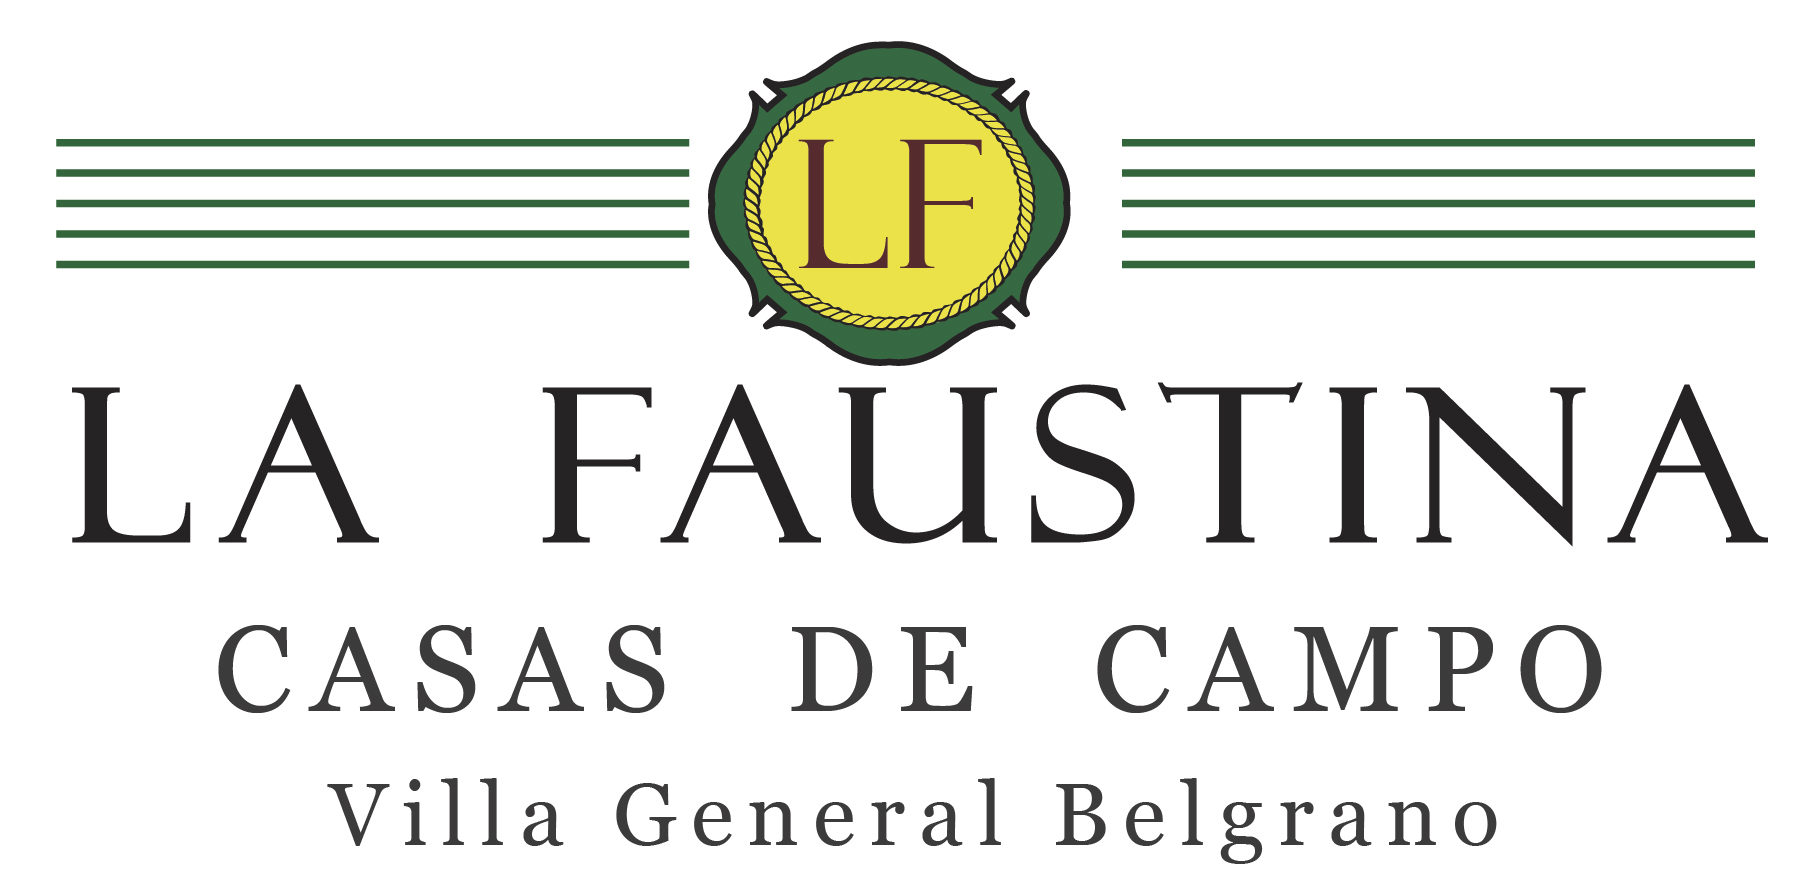 La Faustina Casas de Campo